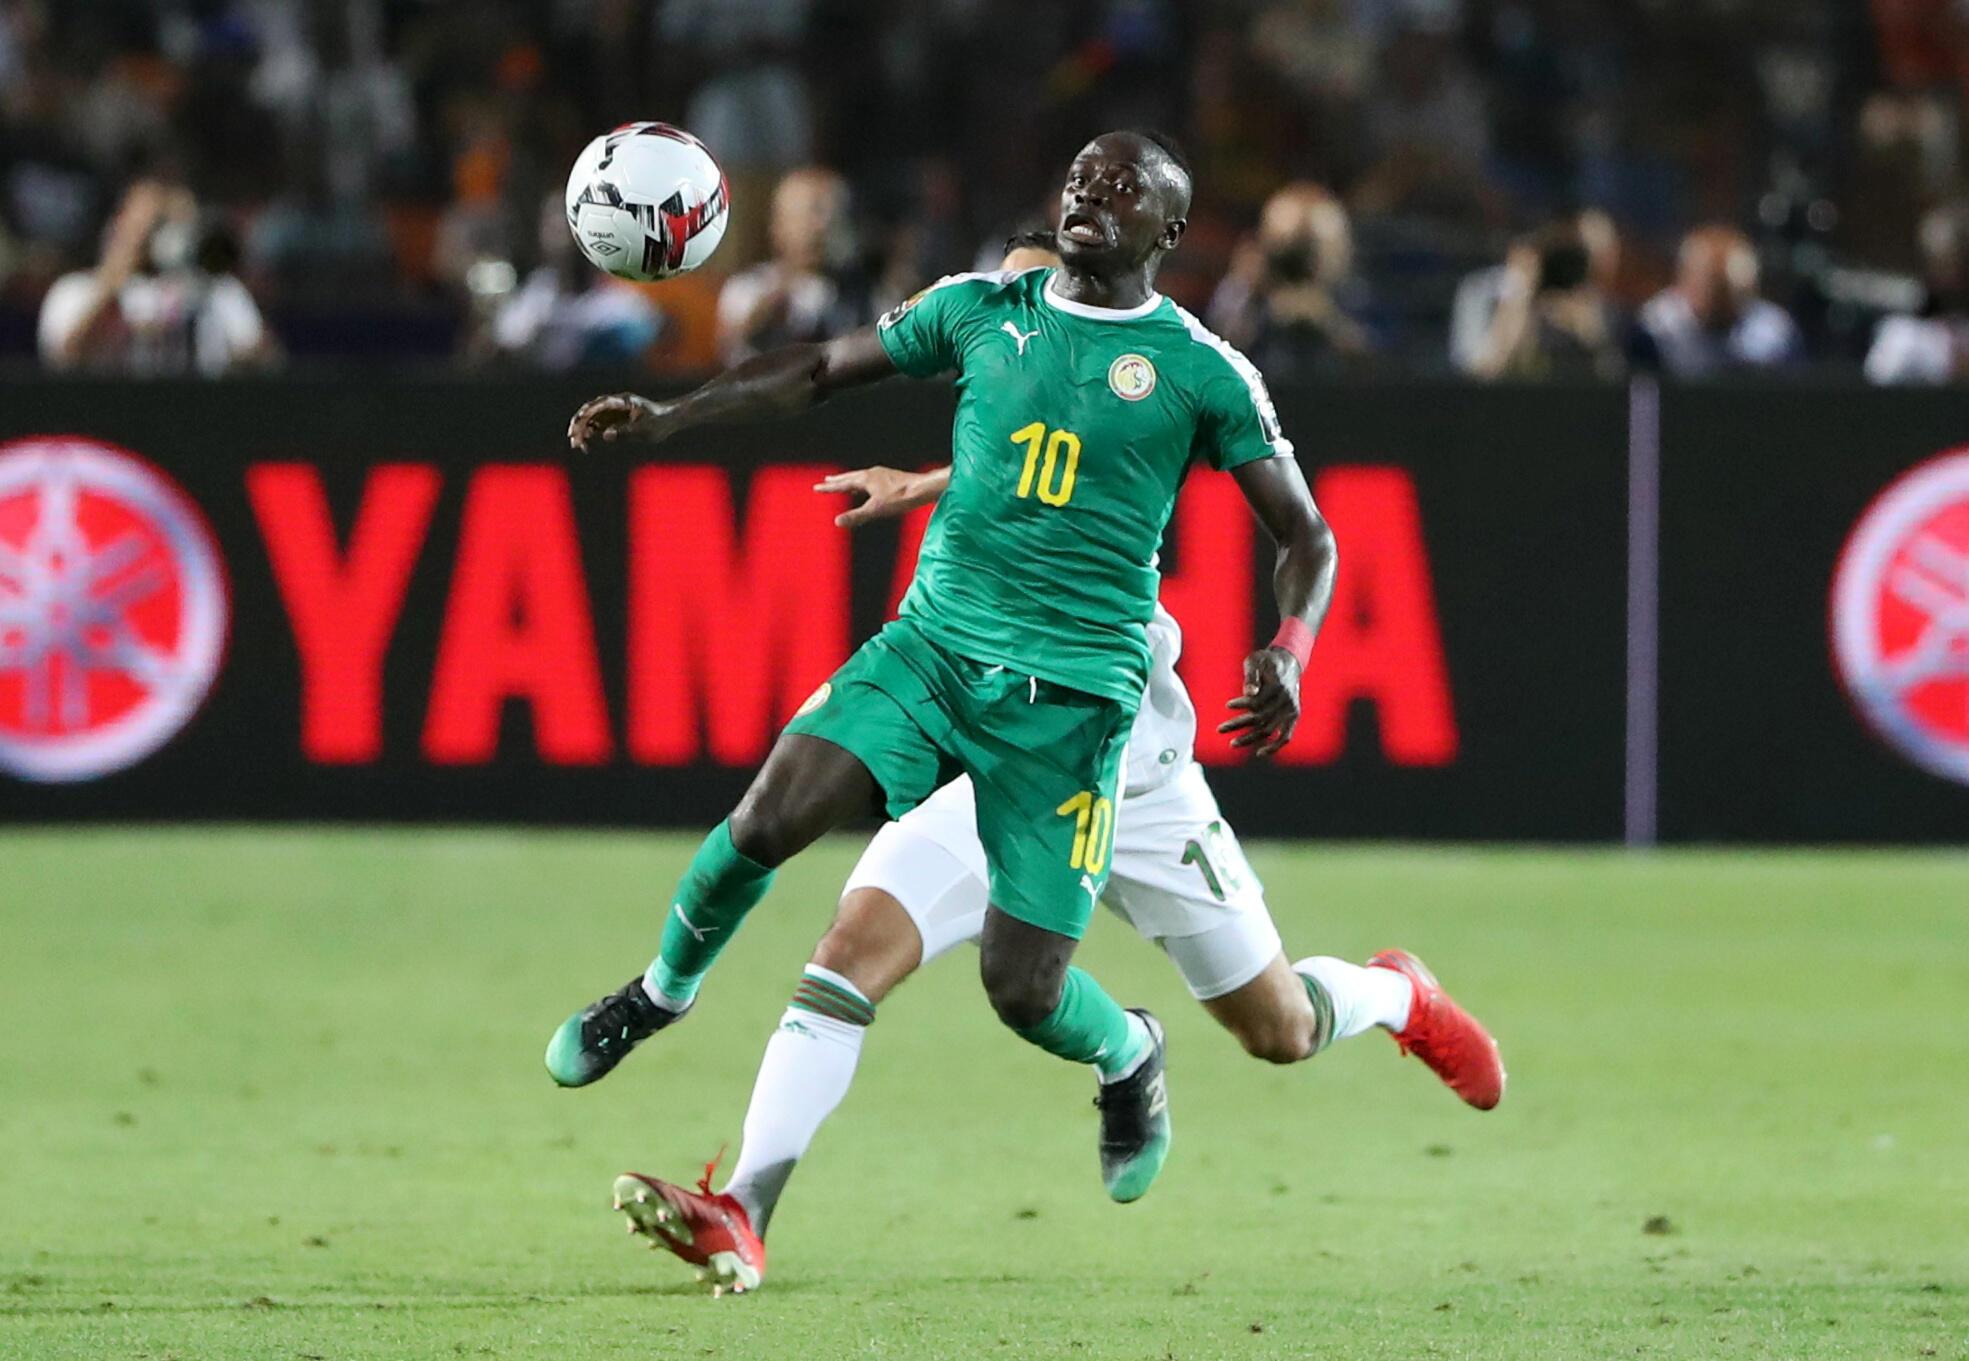 Sadio Mané, subcampeón de la CAN con Senegal y campeón de la Champions con Liverpool podría optar por el Balón de Oro.